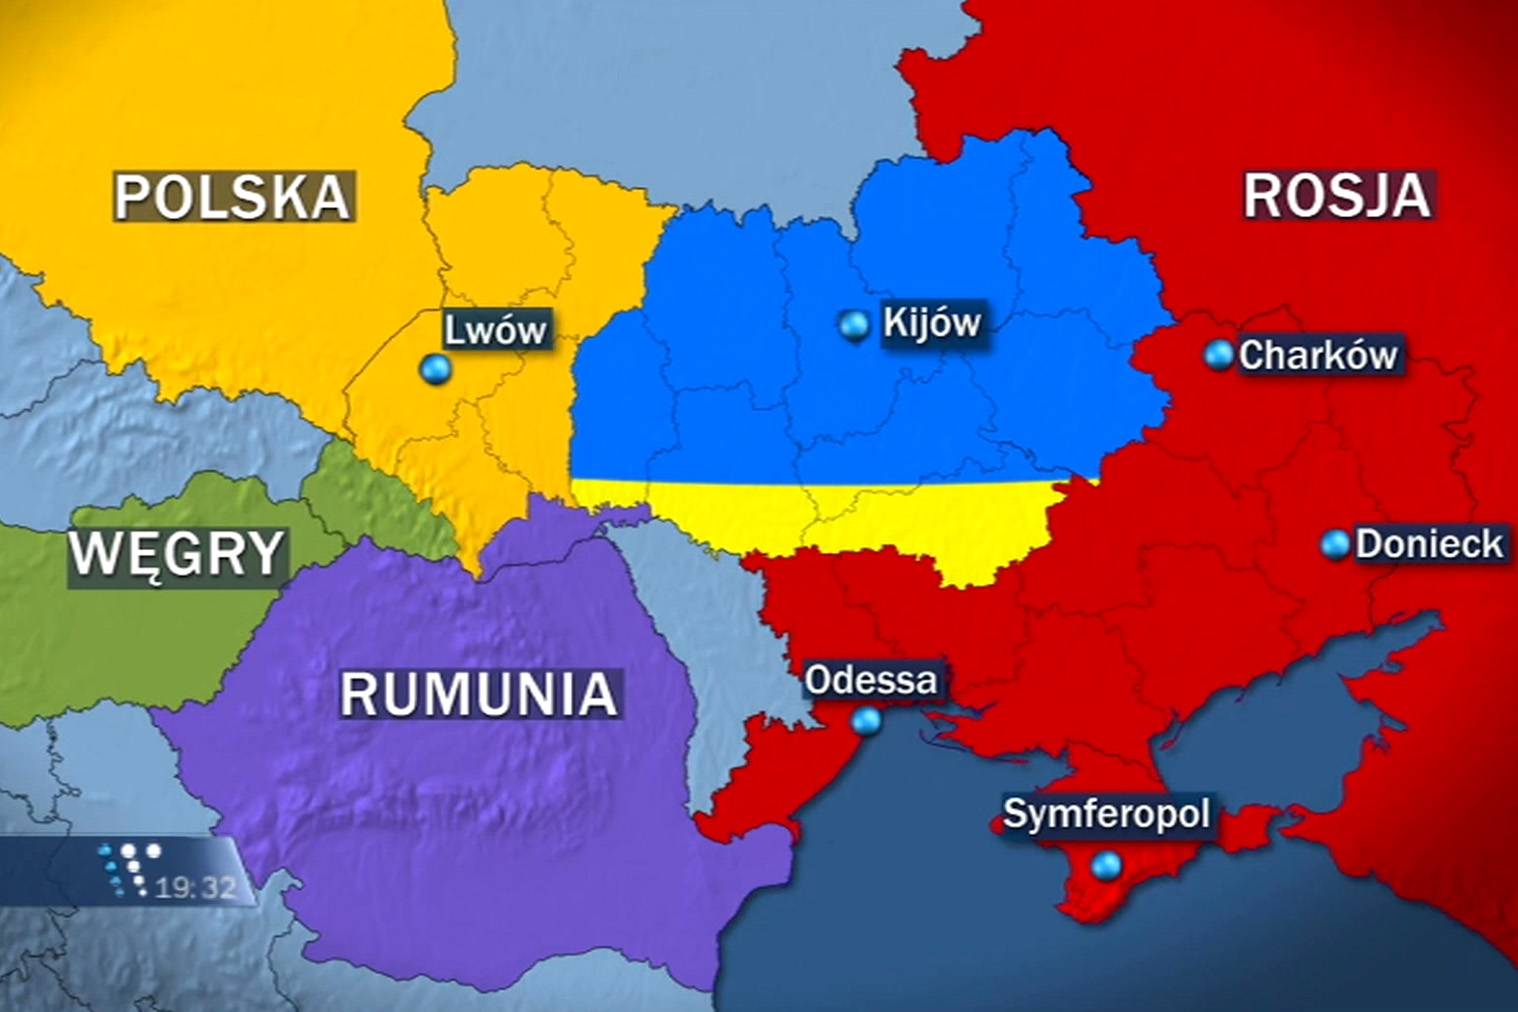 magyarország ukrajna térkép Magyarországnak is adna Ukrajnából az orosz duma alelnöke magyarország ukrajna térkép